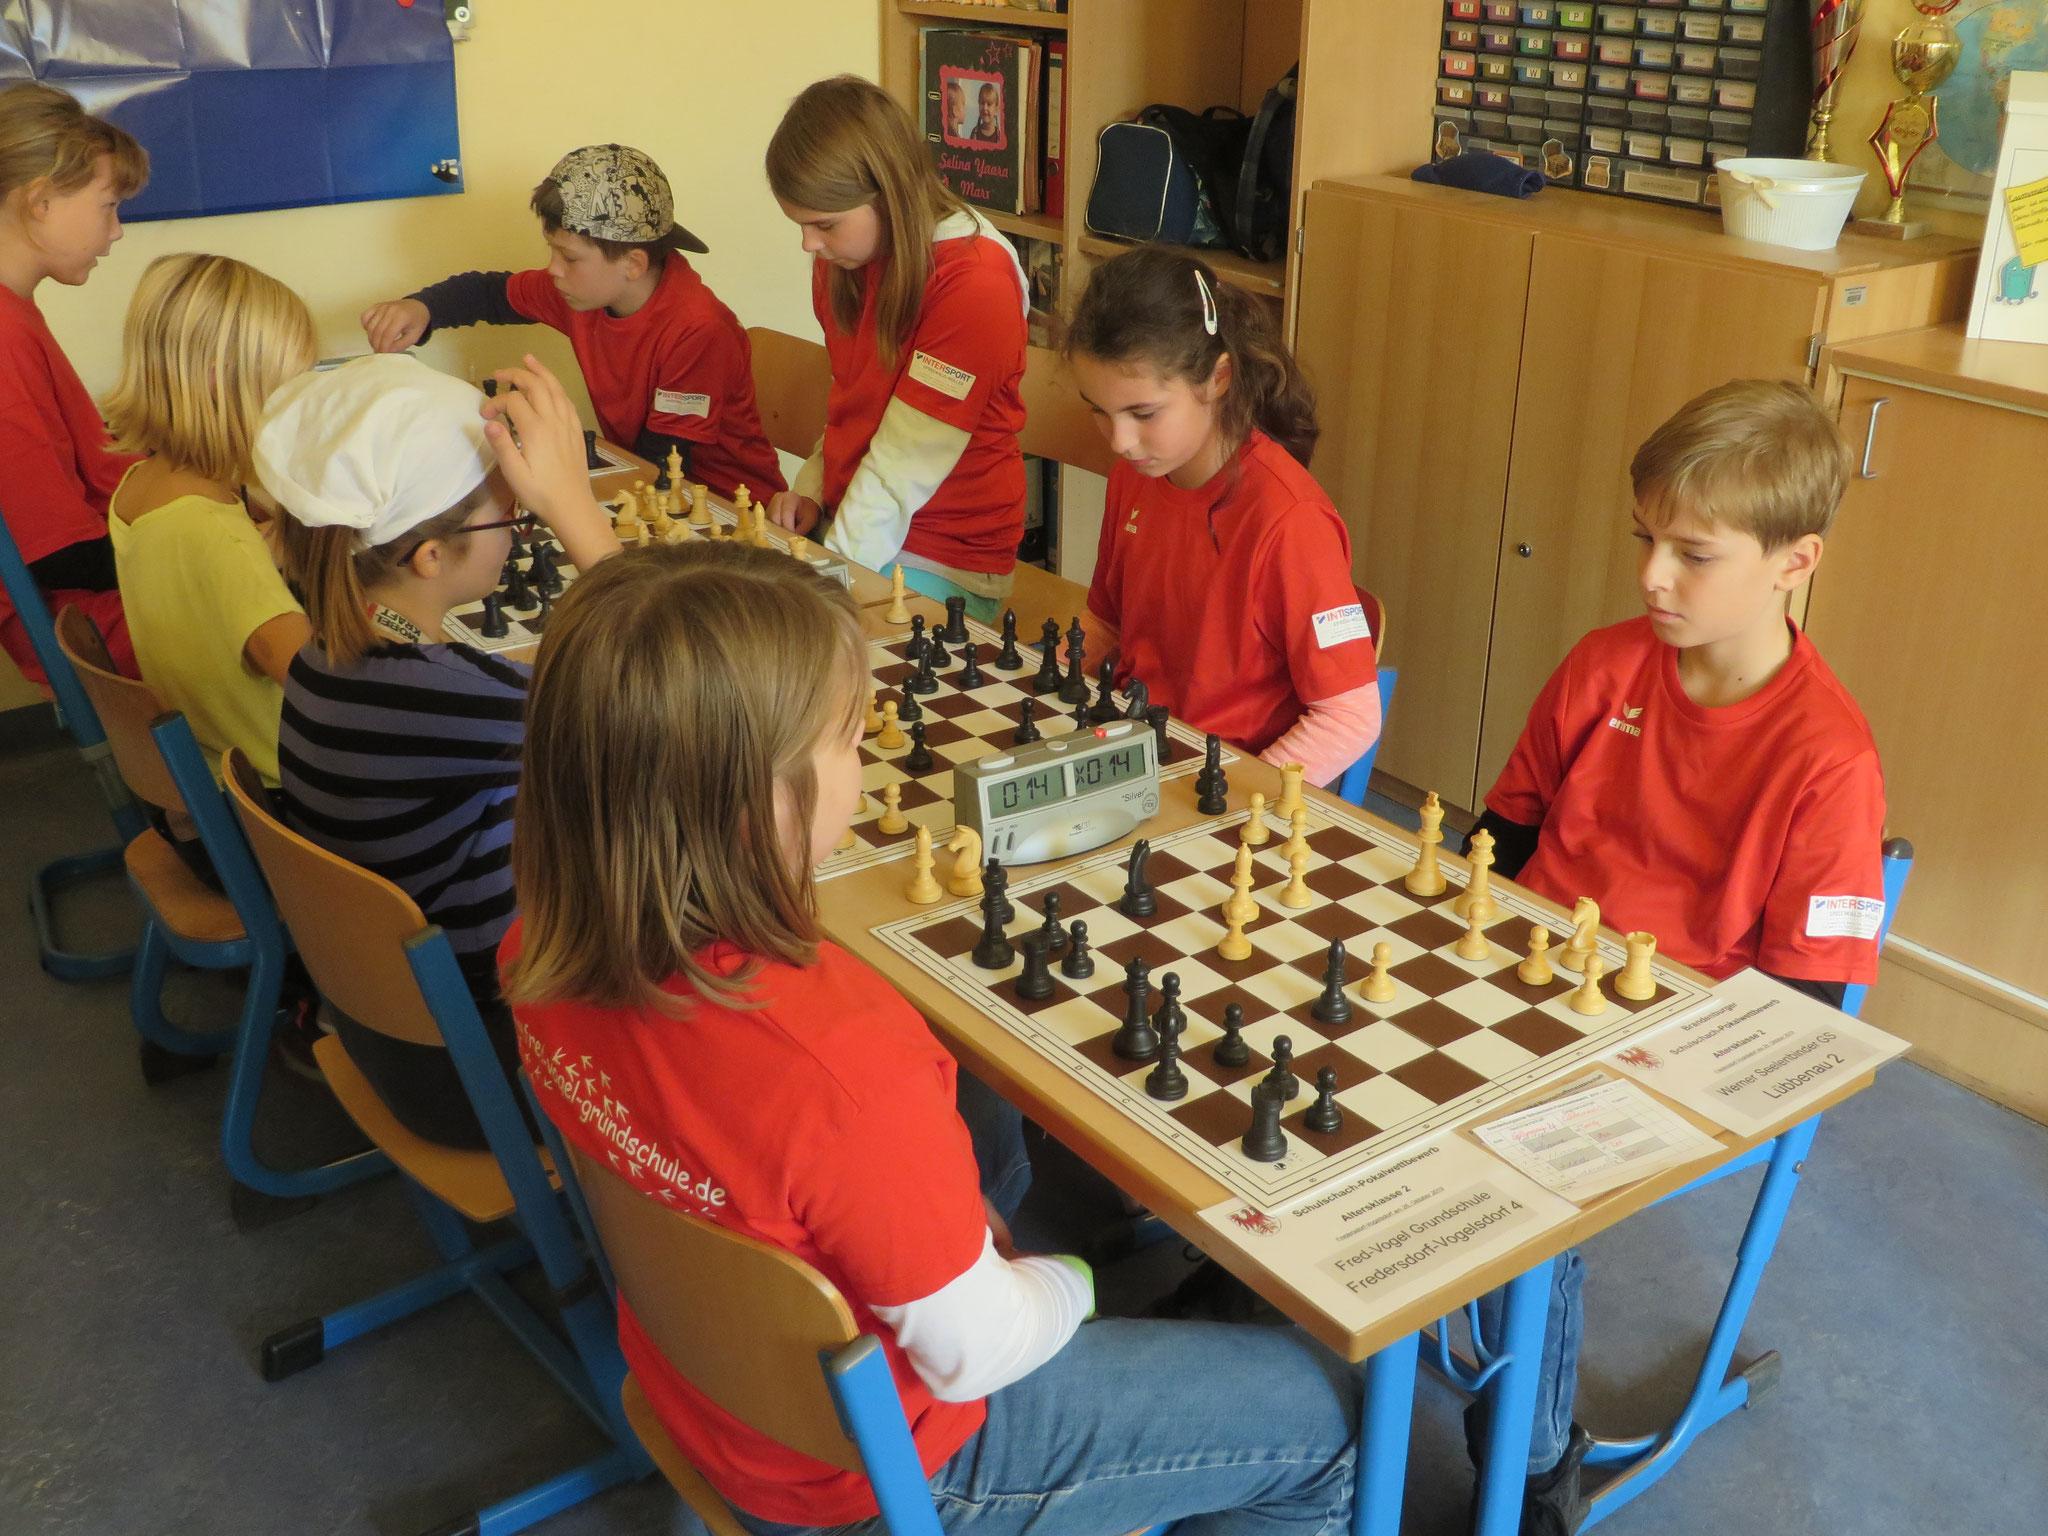 AK 2 : Das Team der Werner-Seelenbinder-GS II in Runde 2 mit Tony (Brett 1) , Mia (Brett 2) , Zoe (Brett 3) und Leon (Brett 4)